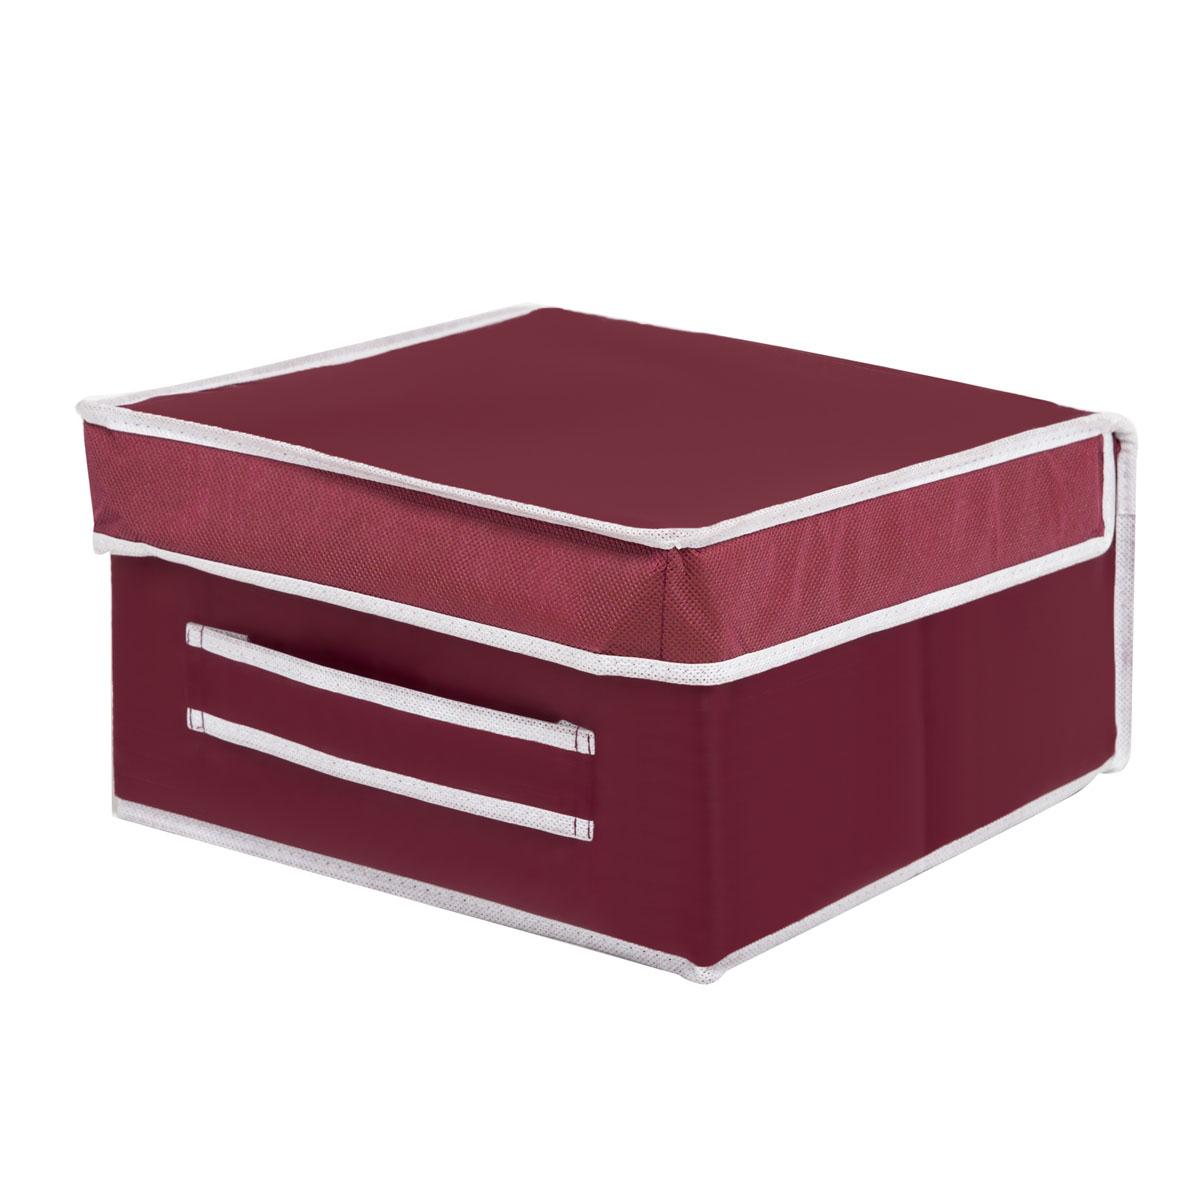 Коробка для хранения Homsu Red Rose, 30 х 30 х 16 смHOM-11Вместительная коробка для хранения Homsu Red Rose выполнена из плотного картона. Изделие обладает удобным размером и привлекательным дизайном, выполненным в приятной цветовой гамме. Внутри коробки можно хранить фотографии, ткани, принадлежности для хобби, памятные сувениры и многое другое. Крышка изделия удобно открывается и закрывается.Коробка для хранения Homsu Red Rose станет незаменимой помощницей в путешествиях.